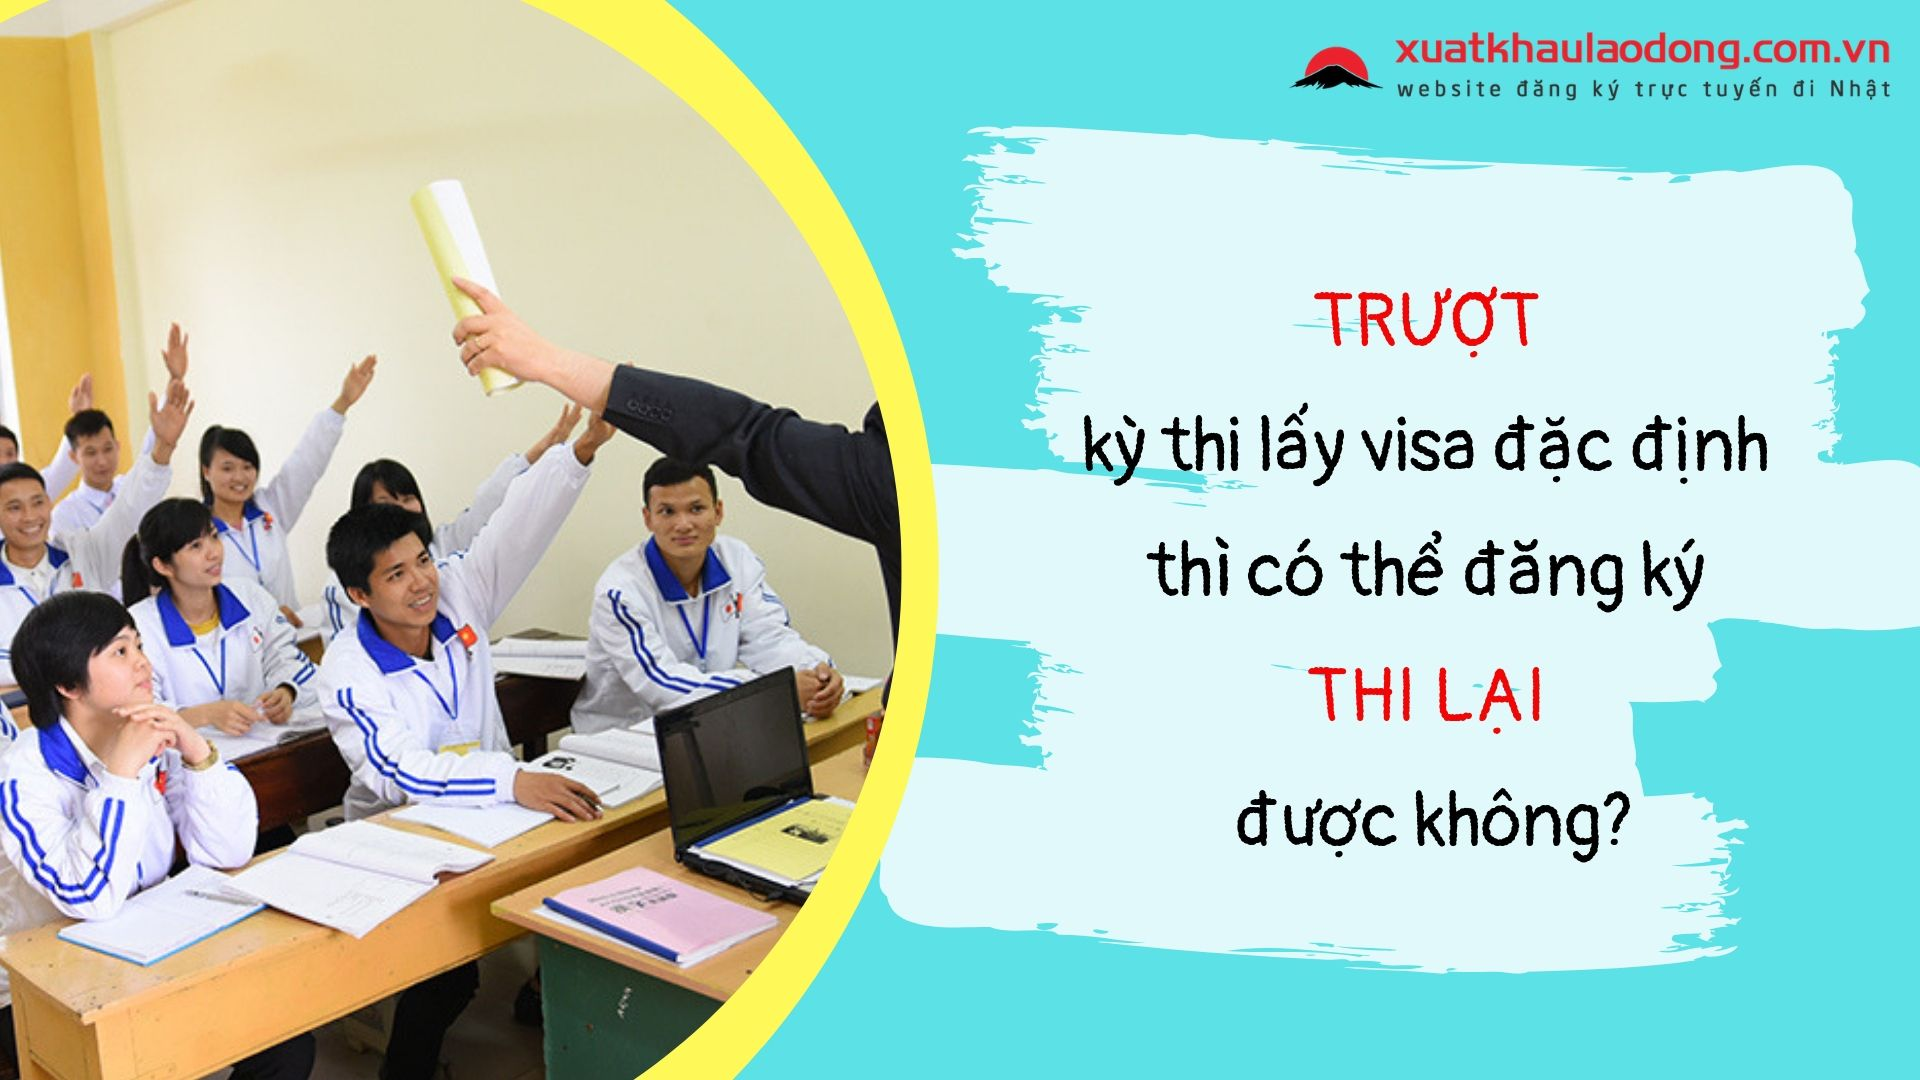 TRƯỢT kỳ thi lấy visa đặc định thì có thể đăng ký thi lại được không?